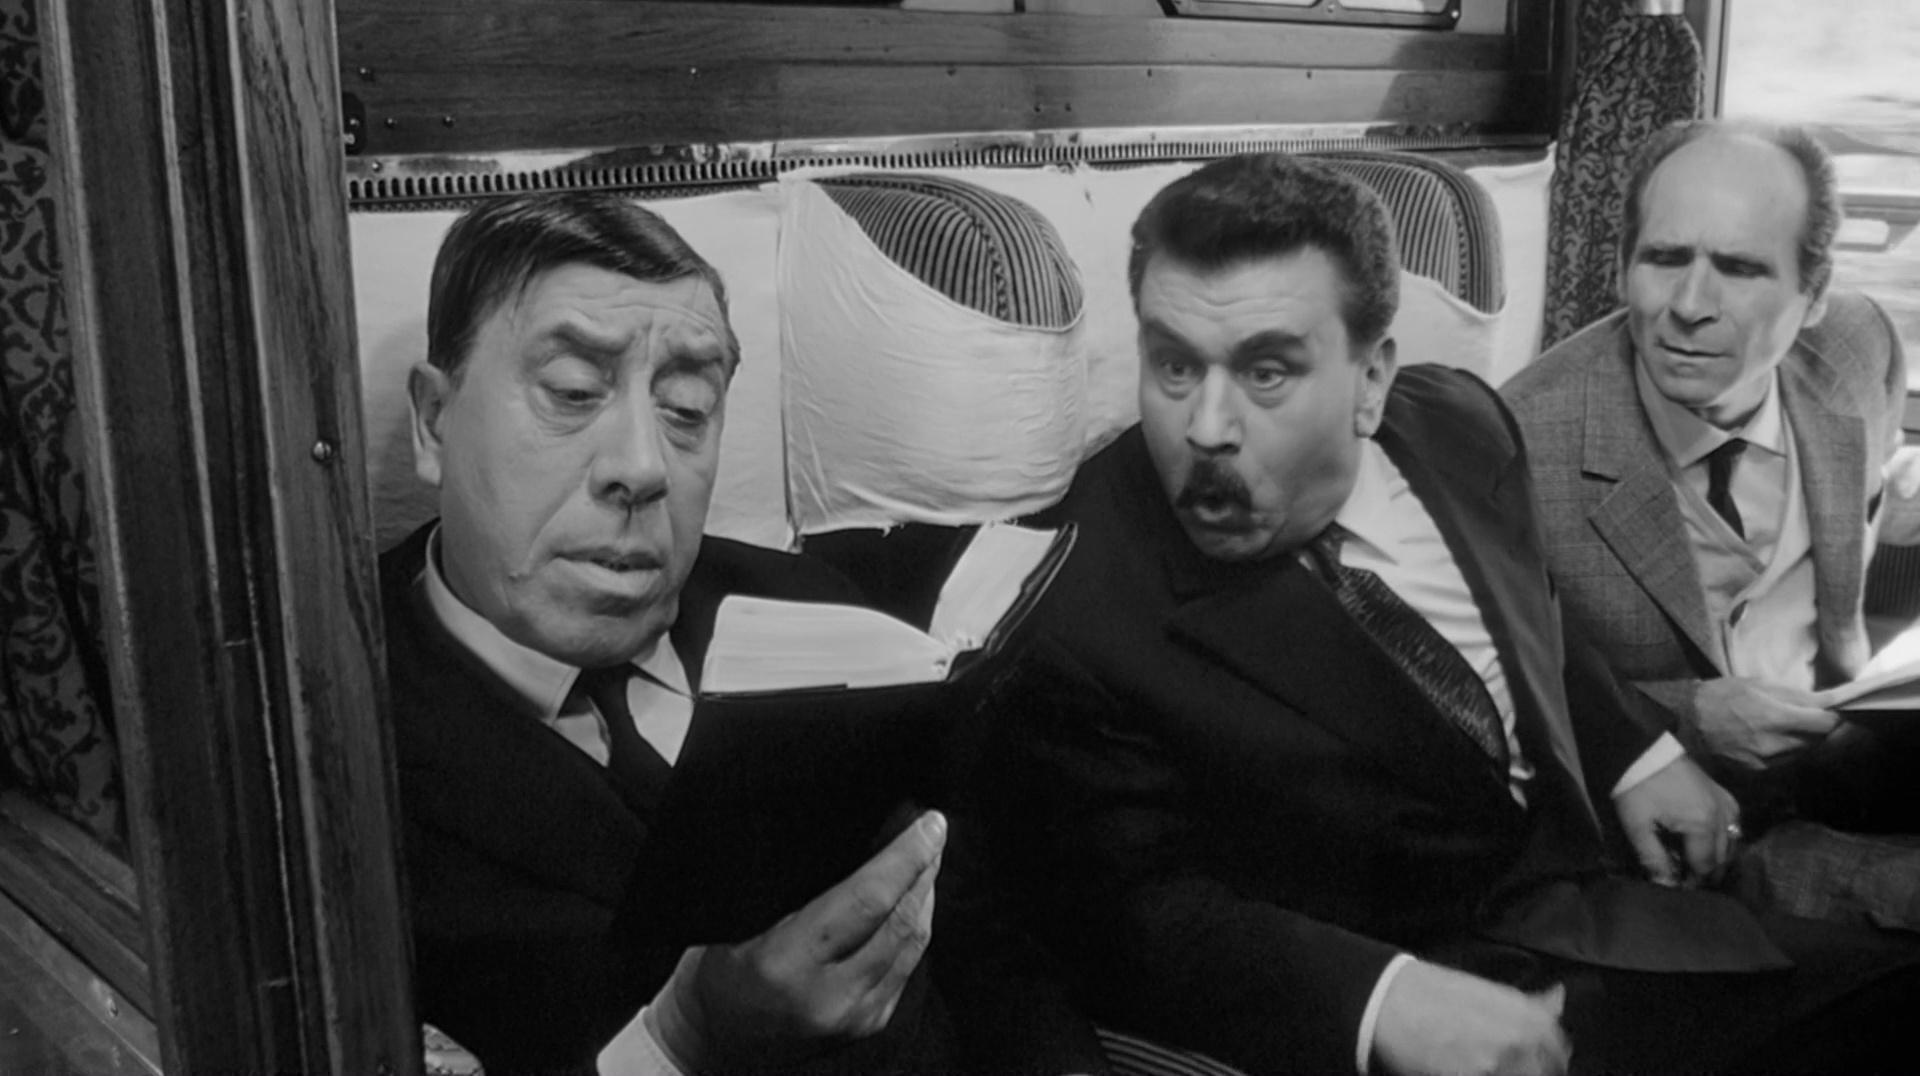 Il Compagno Don Camillo Film Wikipedia